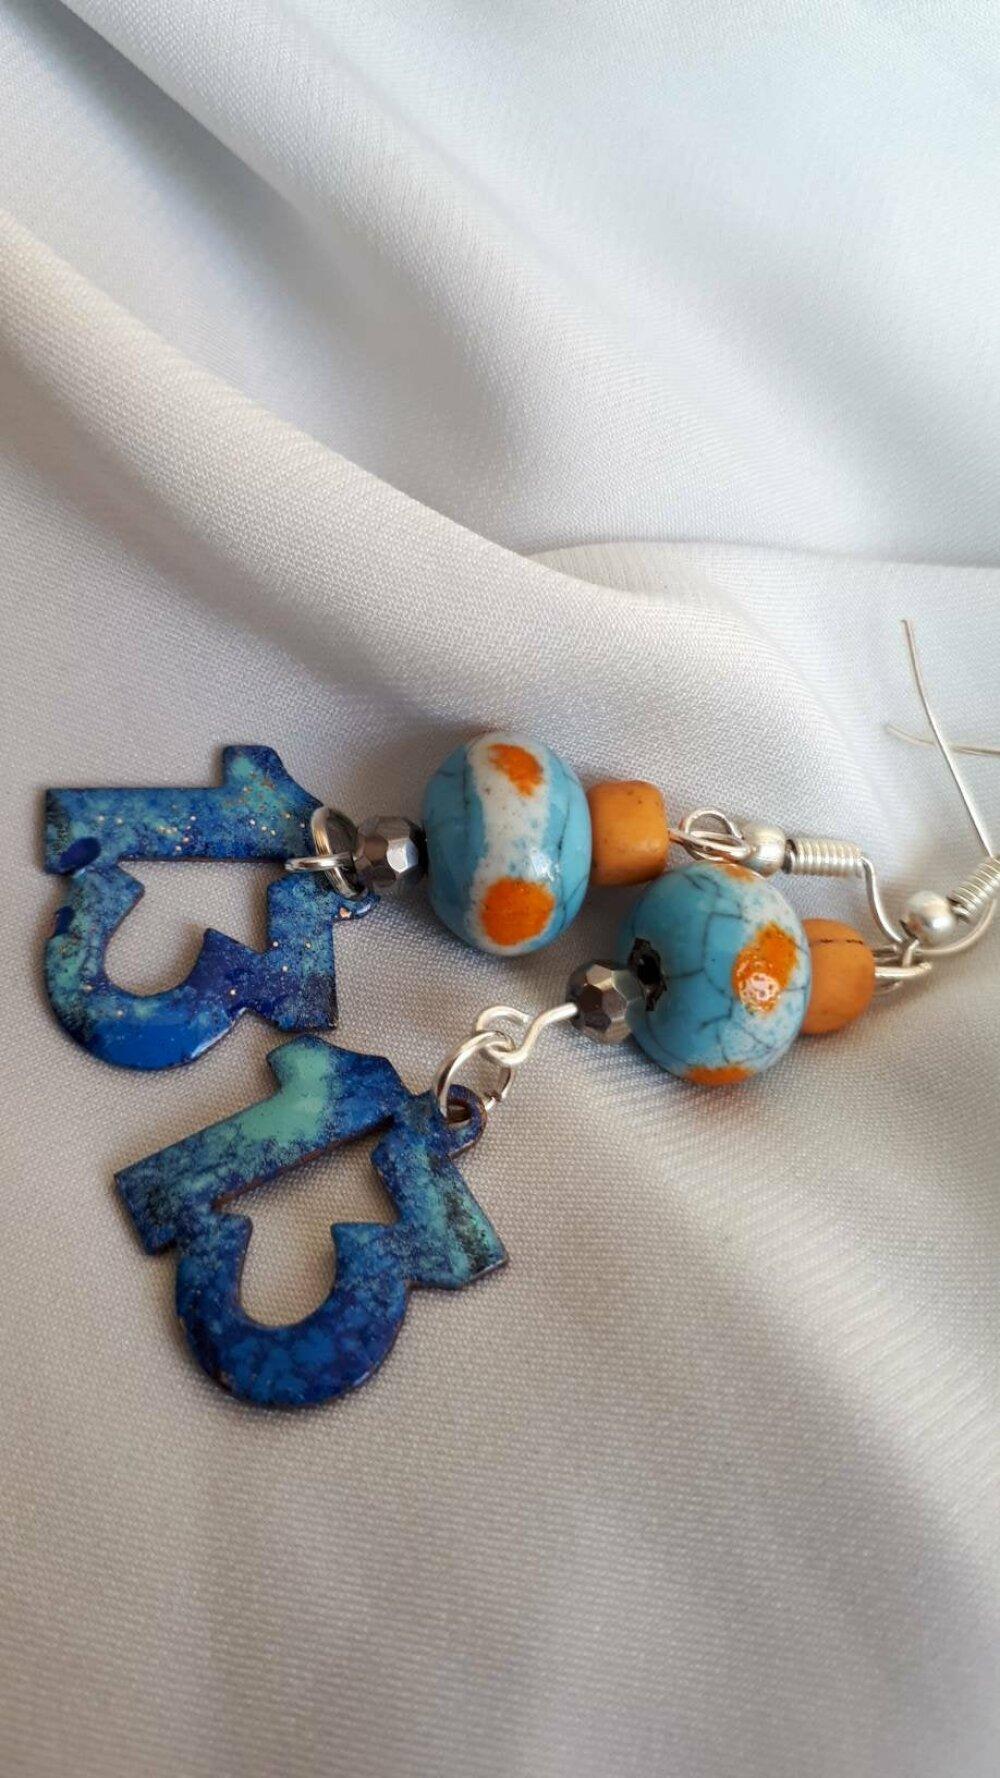 Ravissantes boucles d'oreilles estivales artisanales et rustiques. Bleu et ocre. email enameled copper charm. Terre cuite.